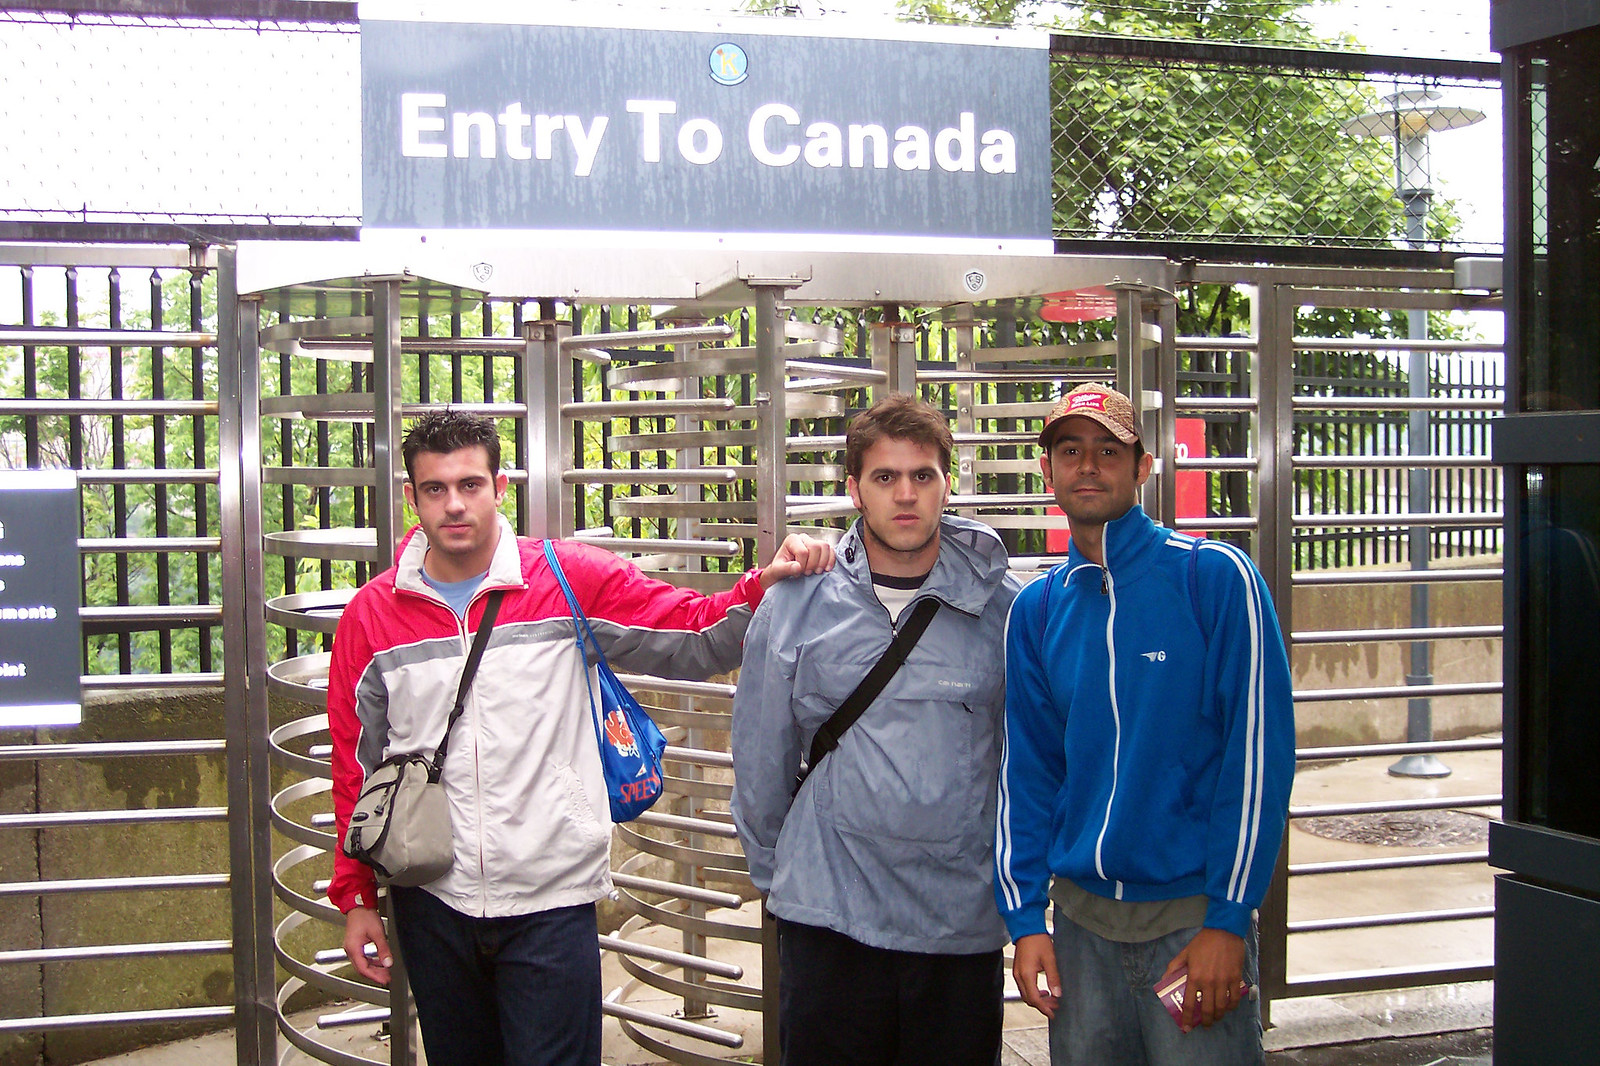 Toronto en un día - Canadá - eTa - Visado - Thewotme toronto en un día - 50061470671 735402125b h - Toronto en un día